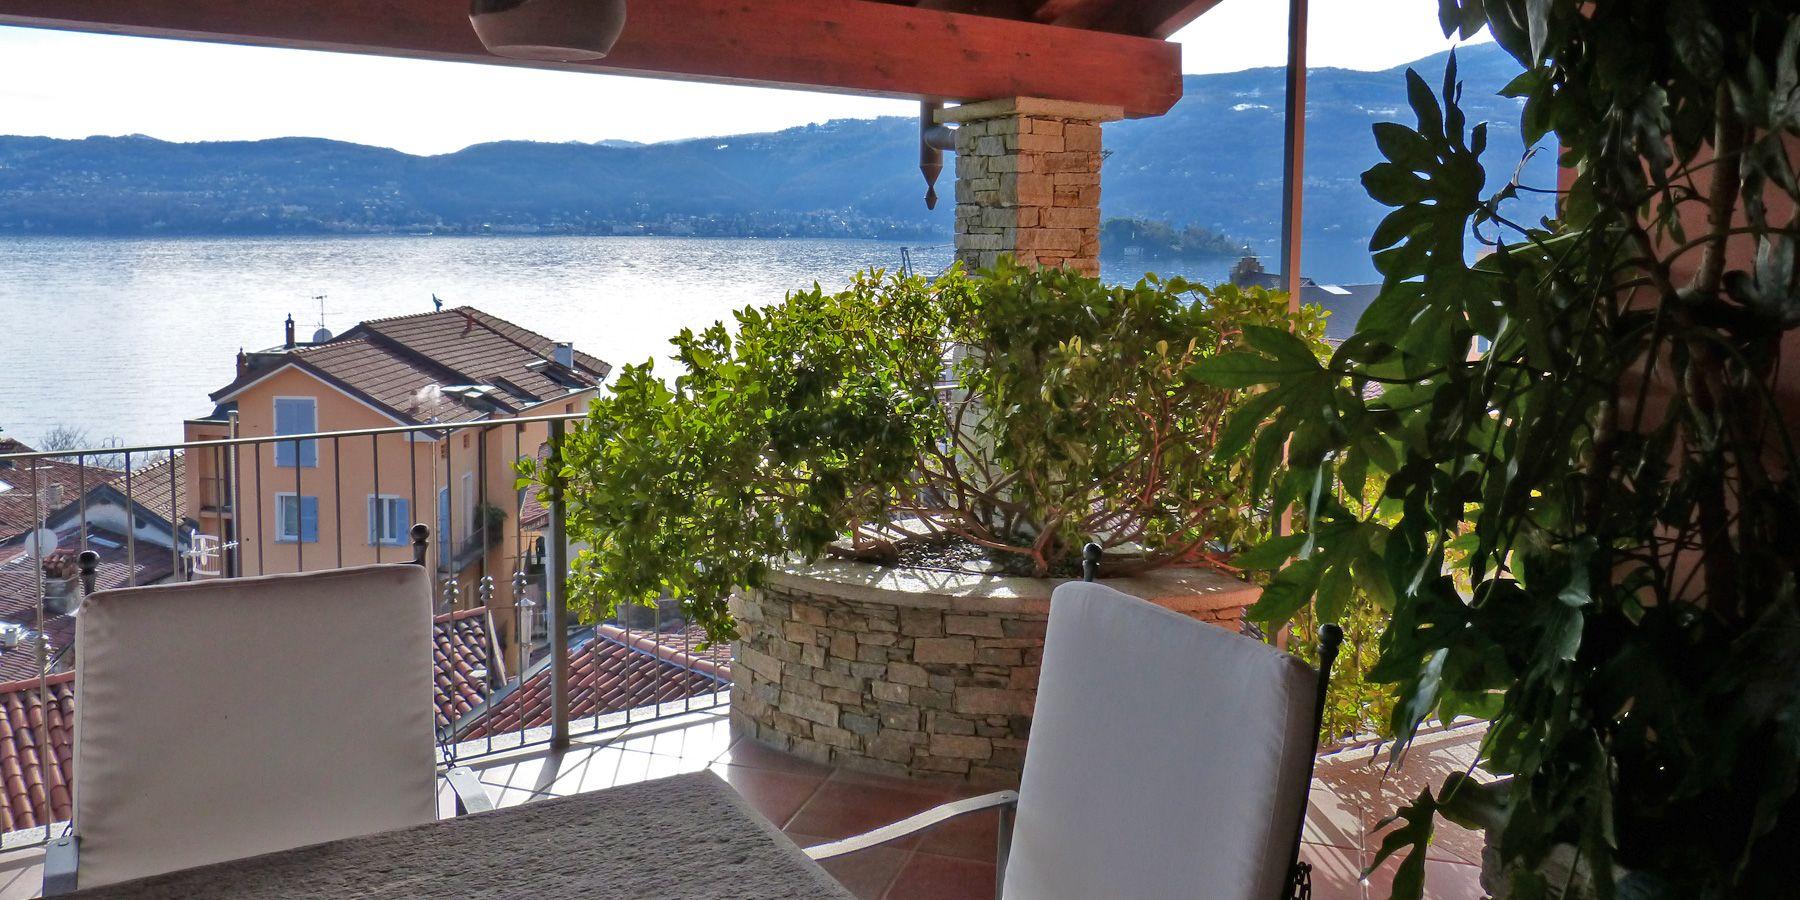 Wohnung kaufen in Verbania Pallanza mit Pool